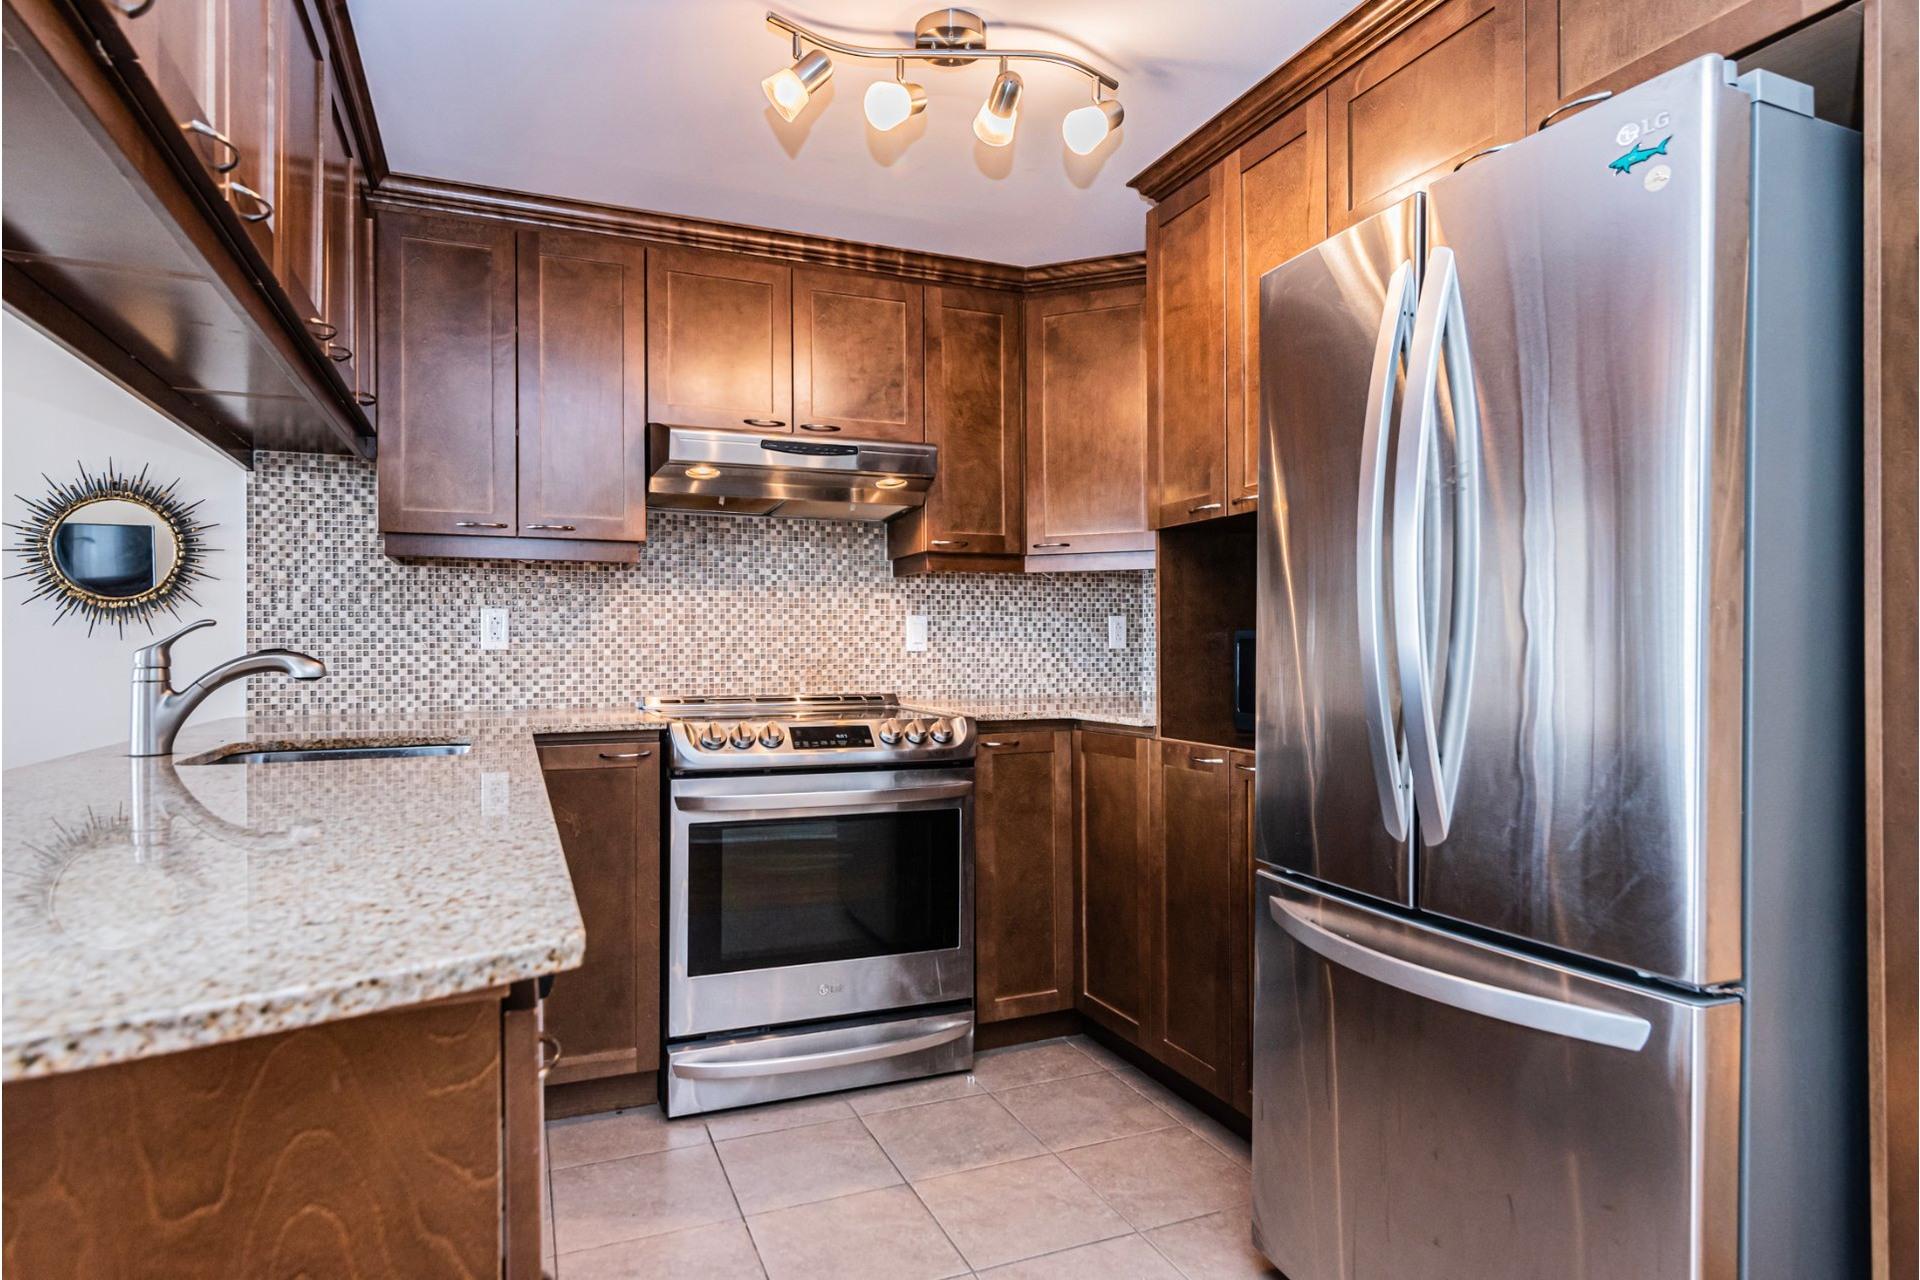 image 4 - Apartment For sale Lachine Montréal  - 7 rooms